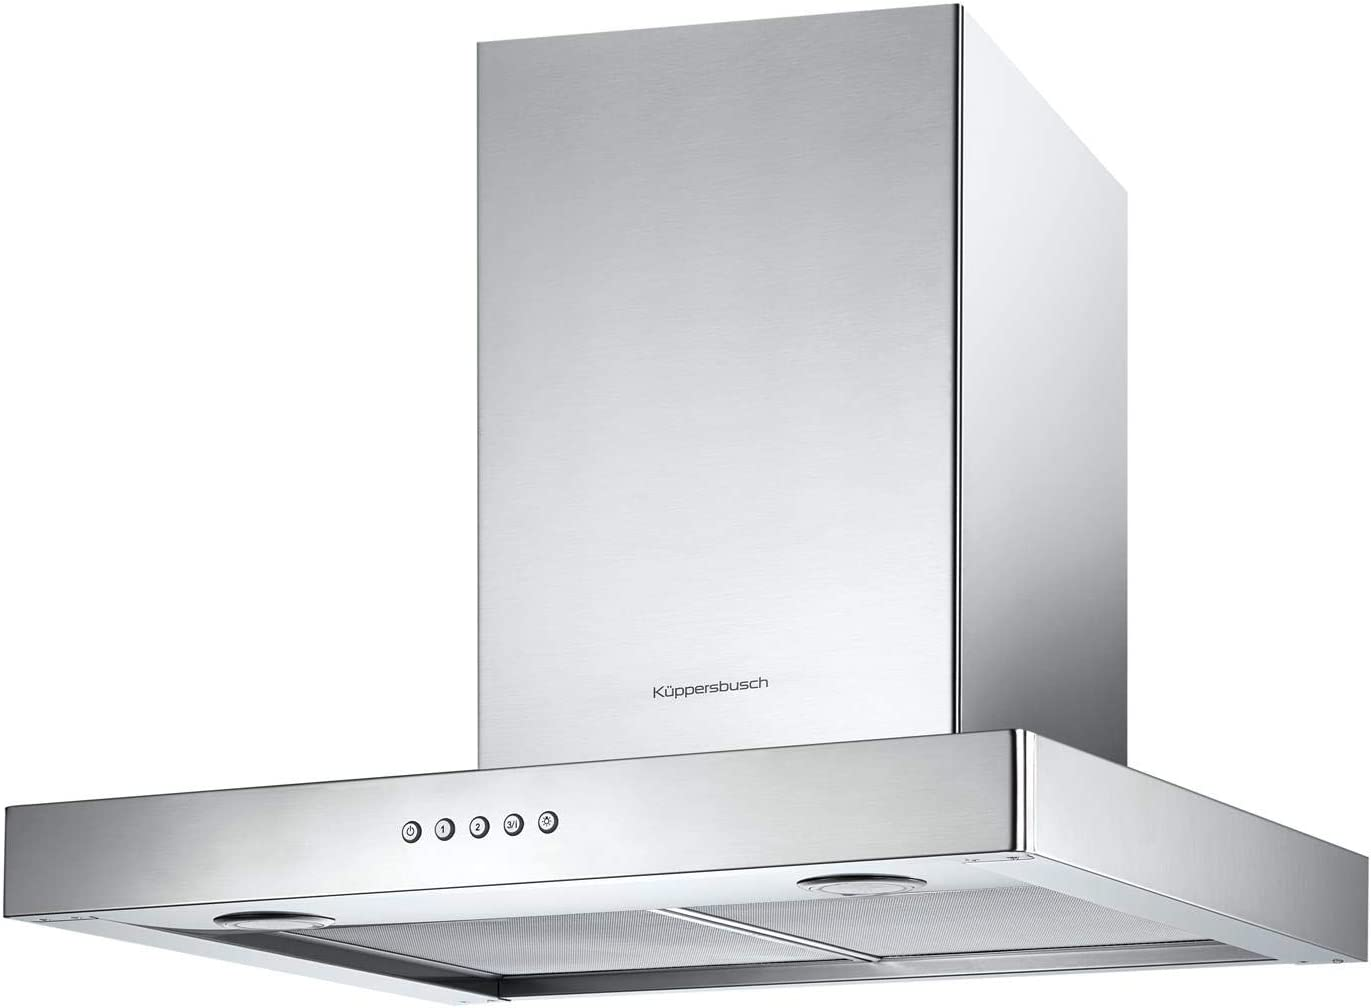 Küppersbusch DW 6340.0 E K-SERIES.3 - Campana extractora de acero inoxidable (60 cm): Amazon.es: Grandes electrodomésticos